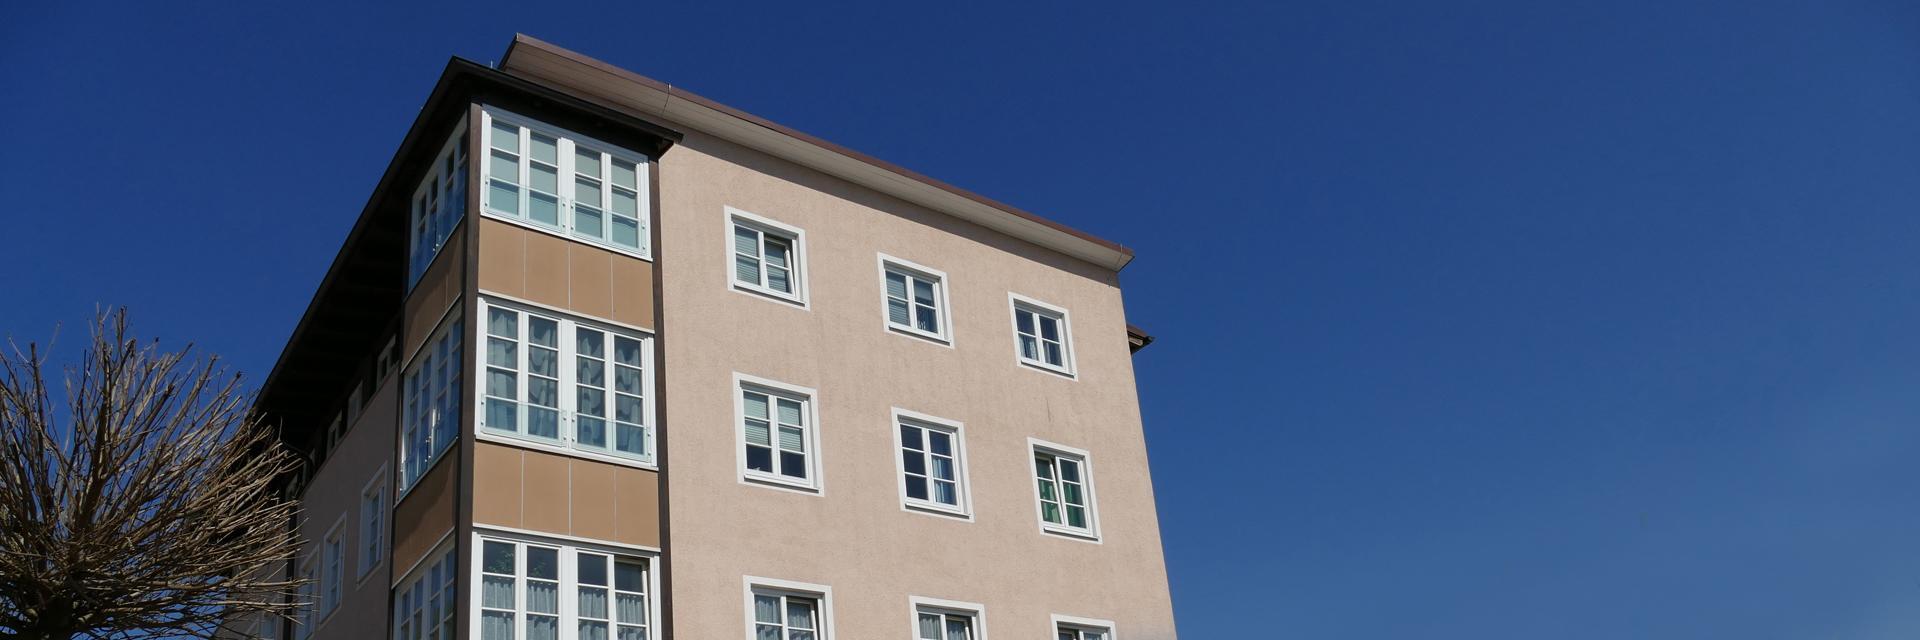 ADLHART-Architekten_Historisches-Wohnhaus